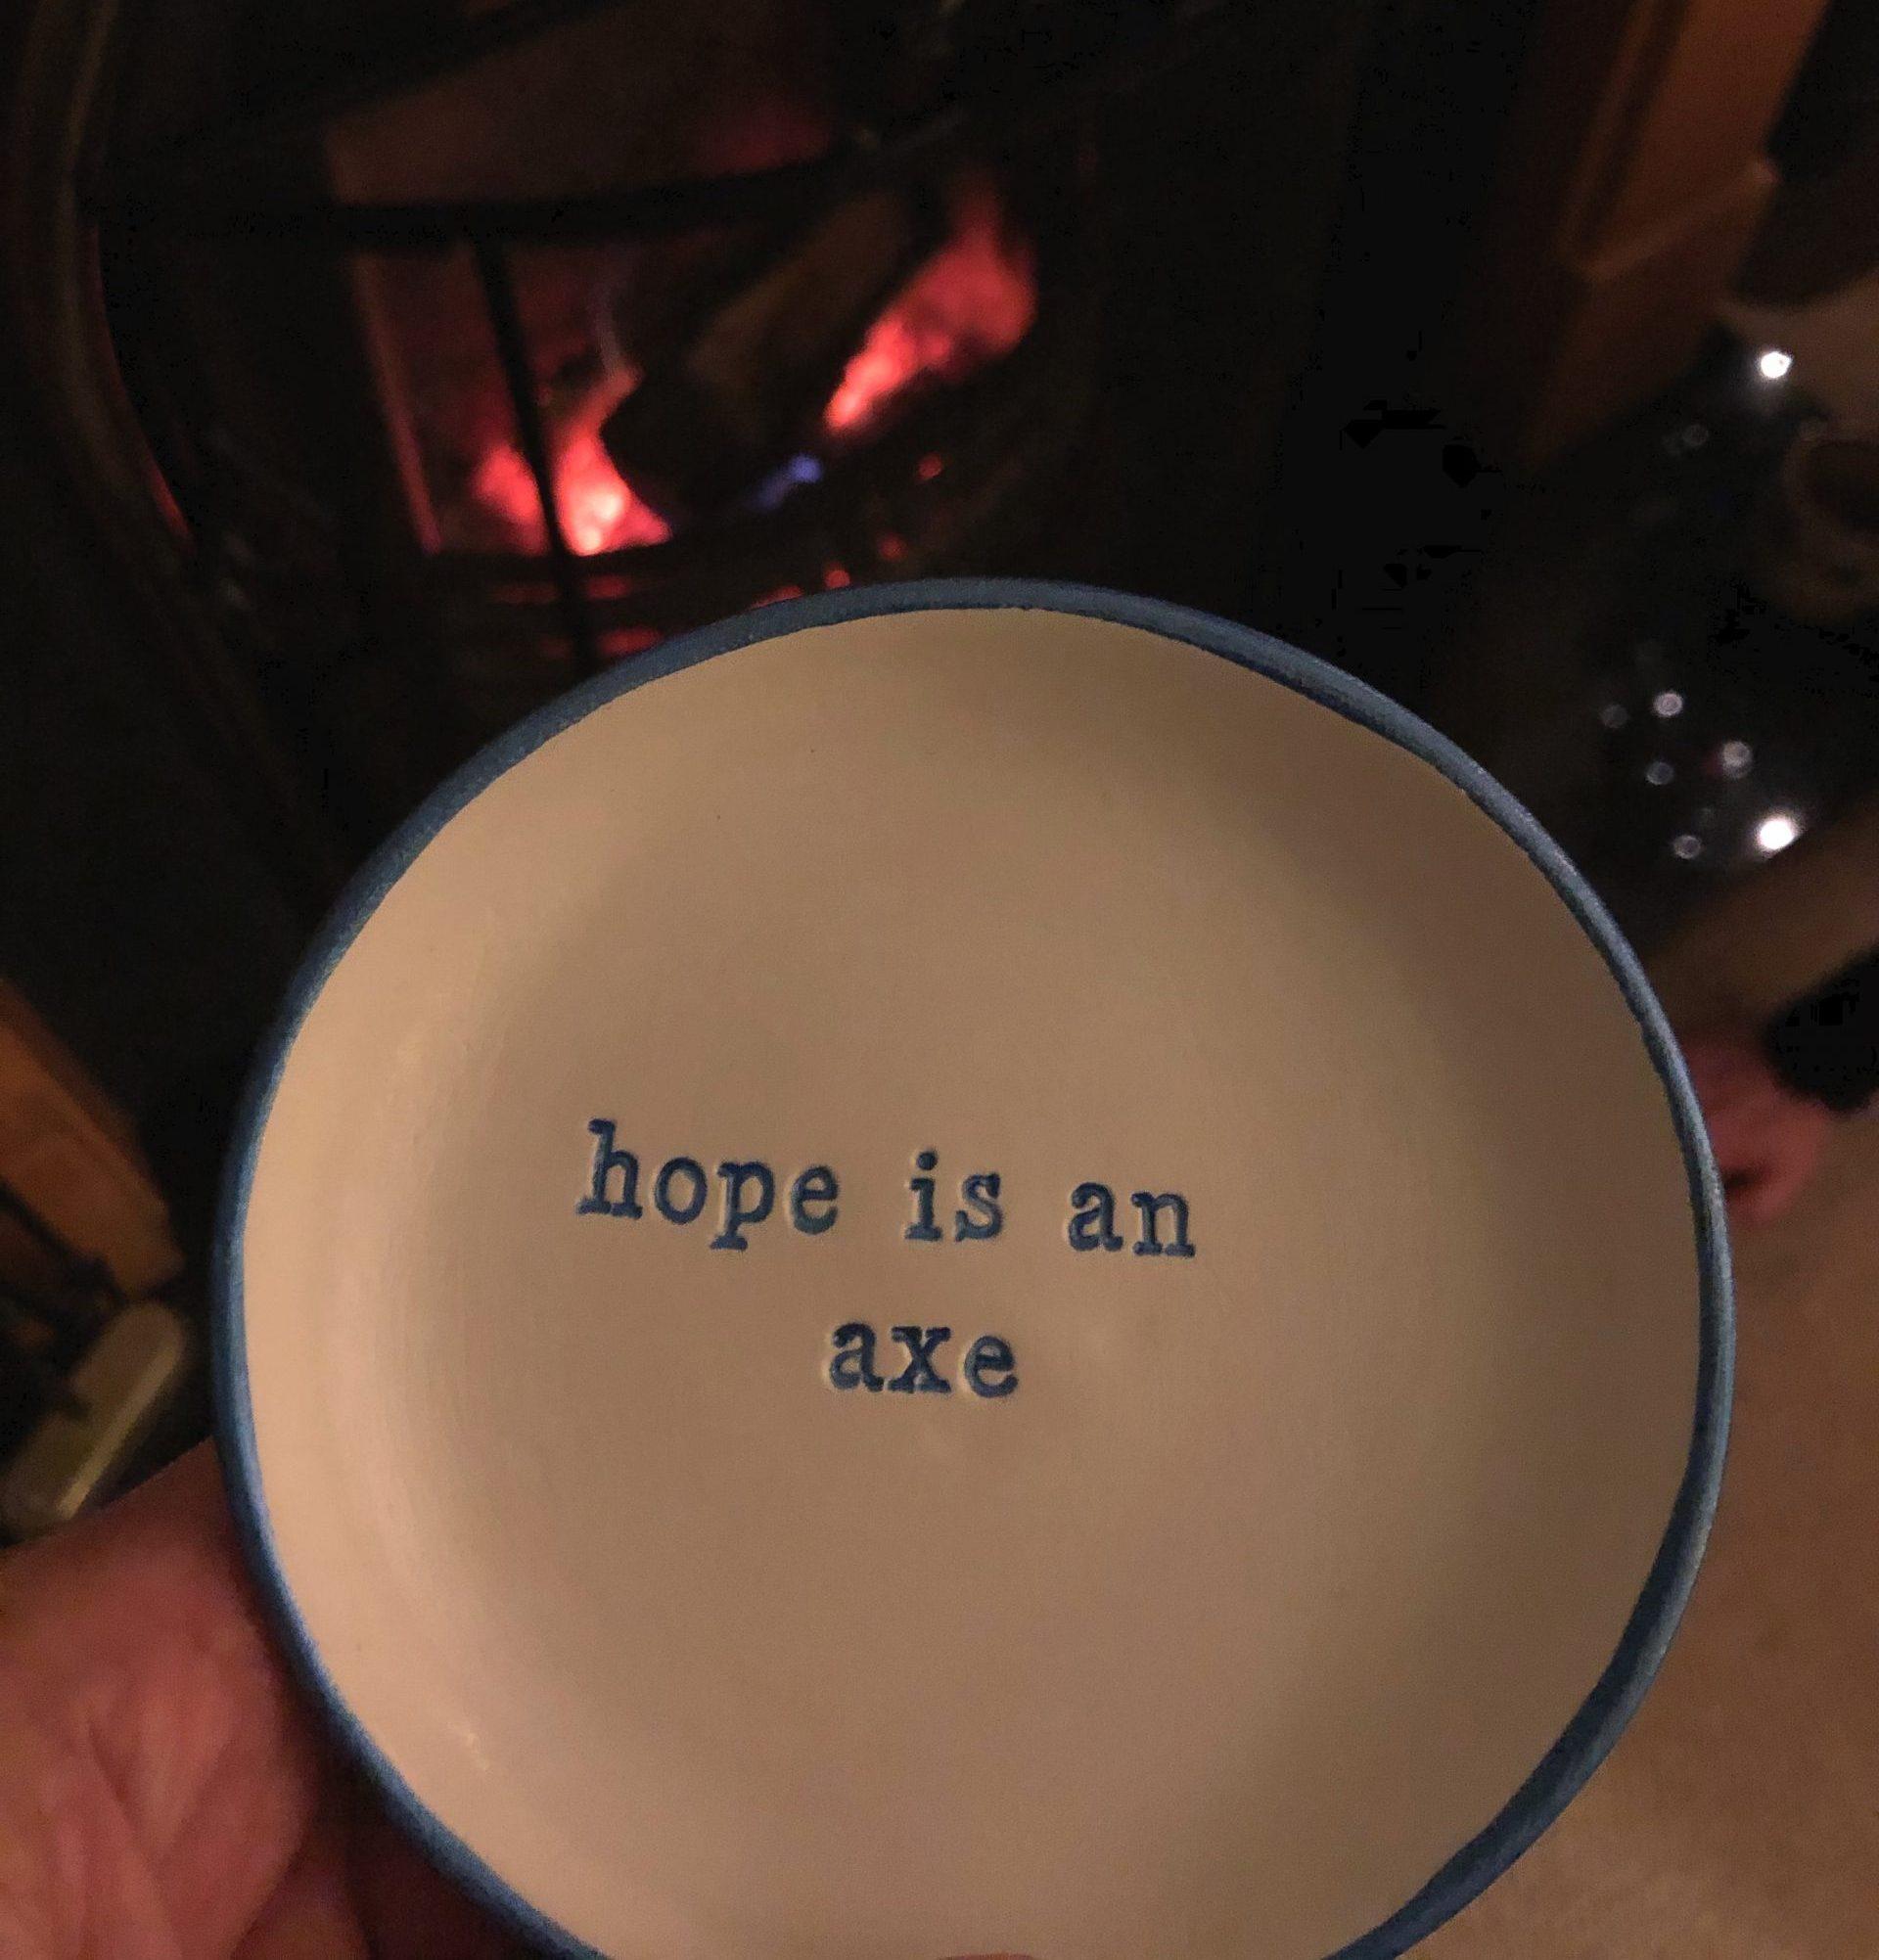 hope is an axe